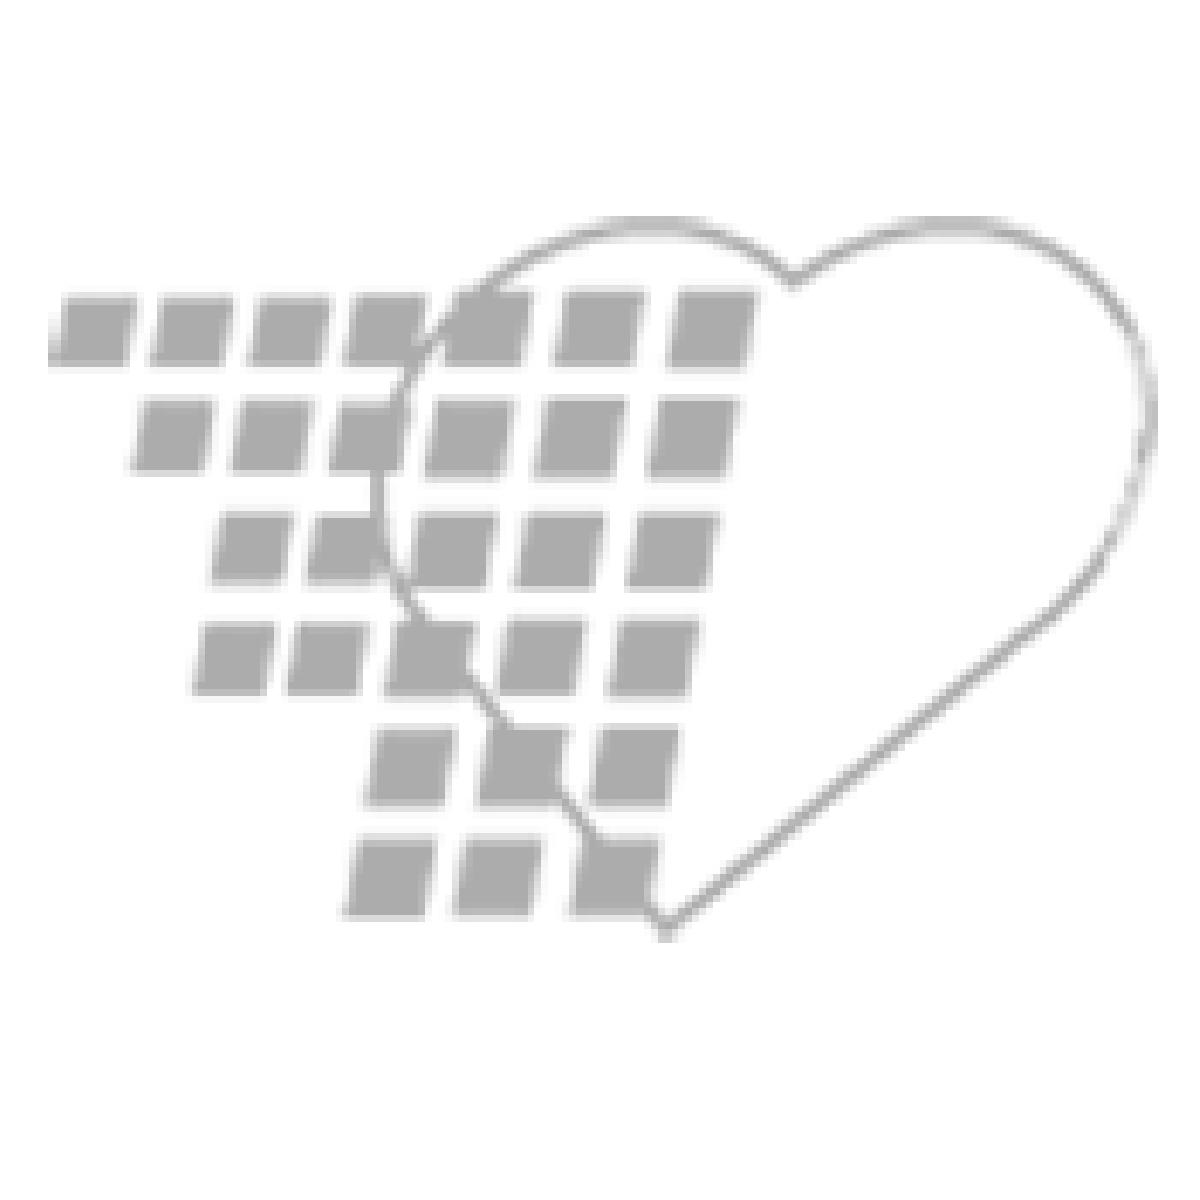 06-99-0407 Chester Chest™ Central Venous Catheter